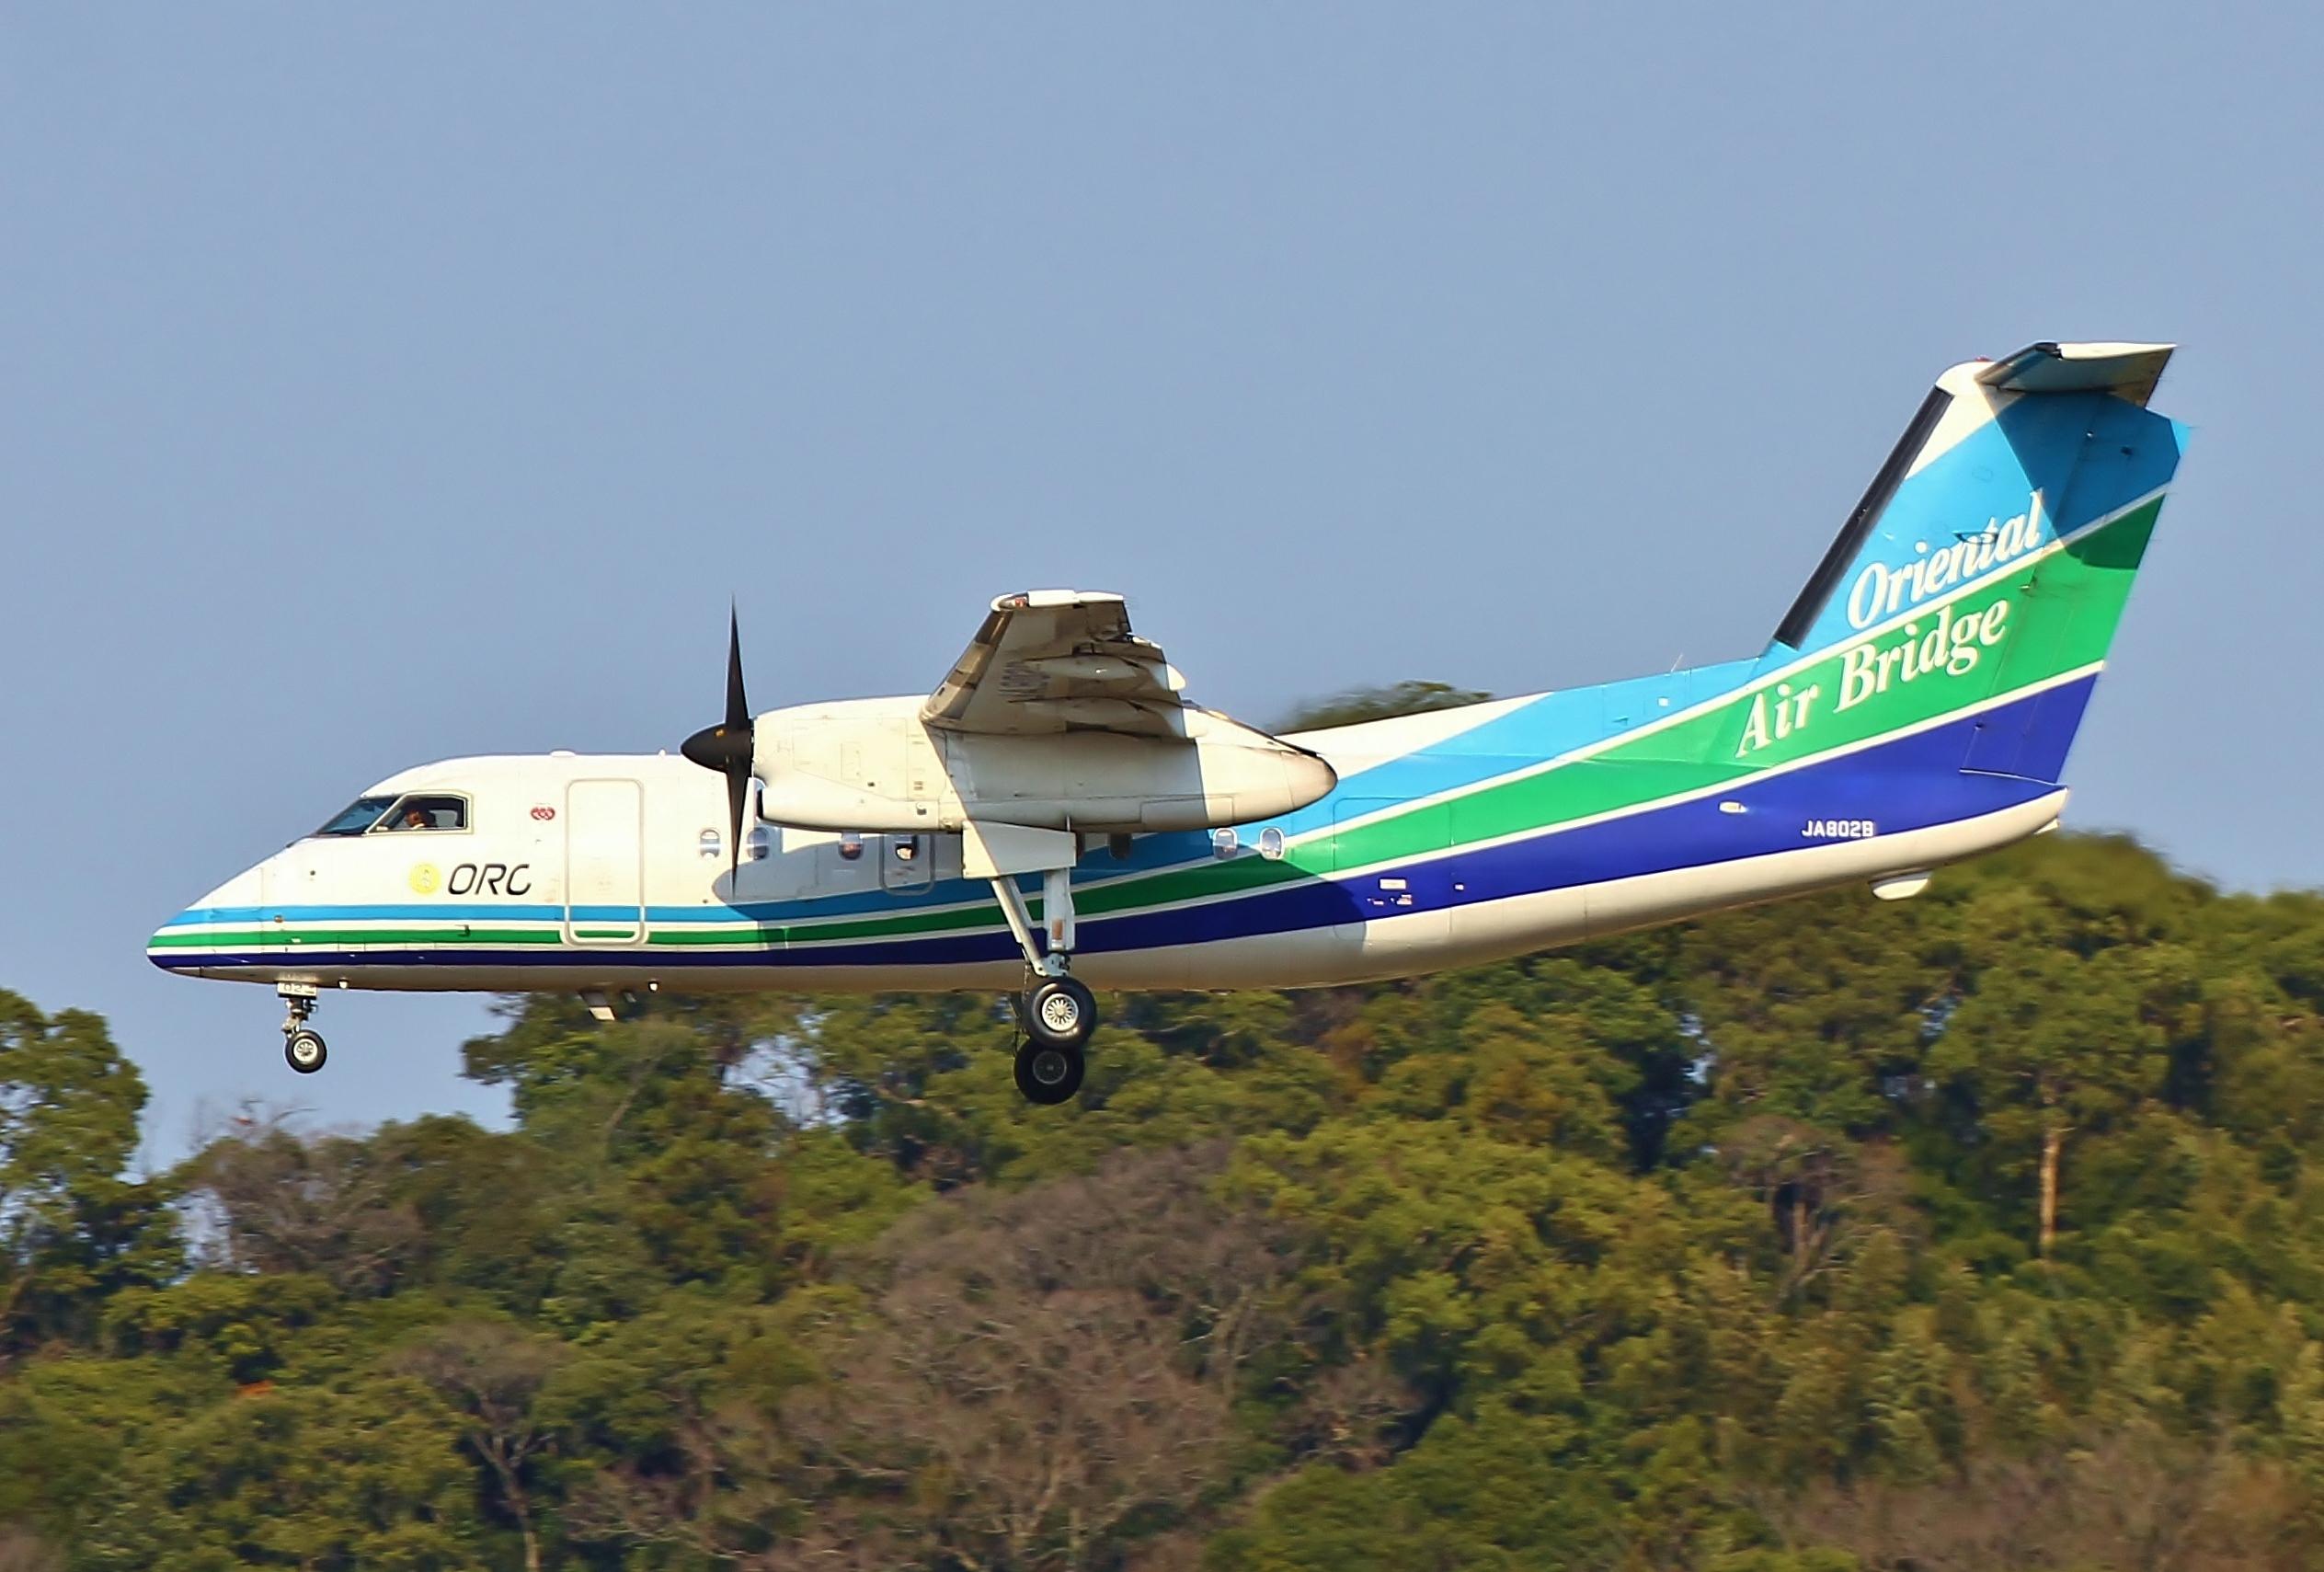 アルファーアビエィション、福島空港に勤務する飛行機操縦教官を募集